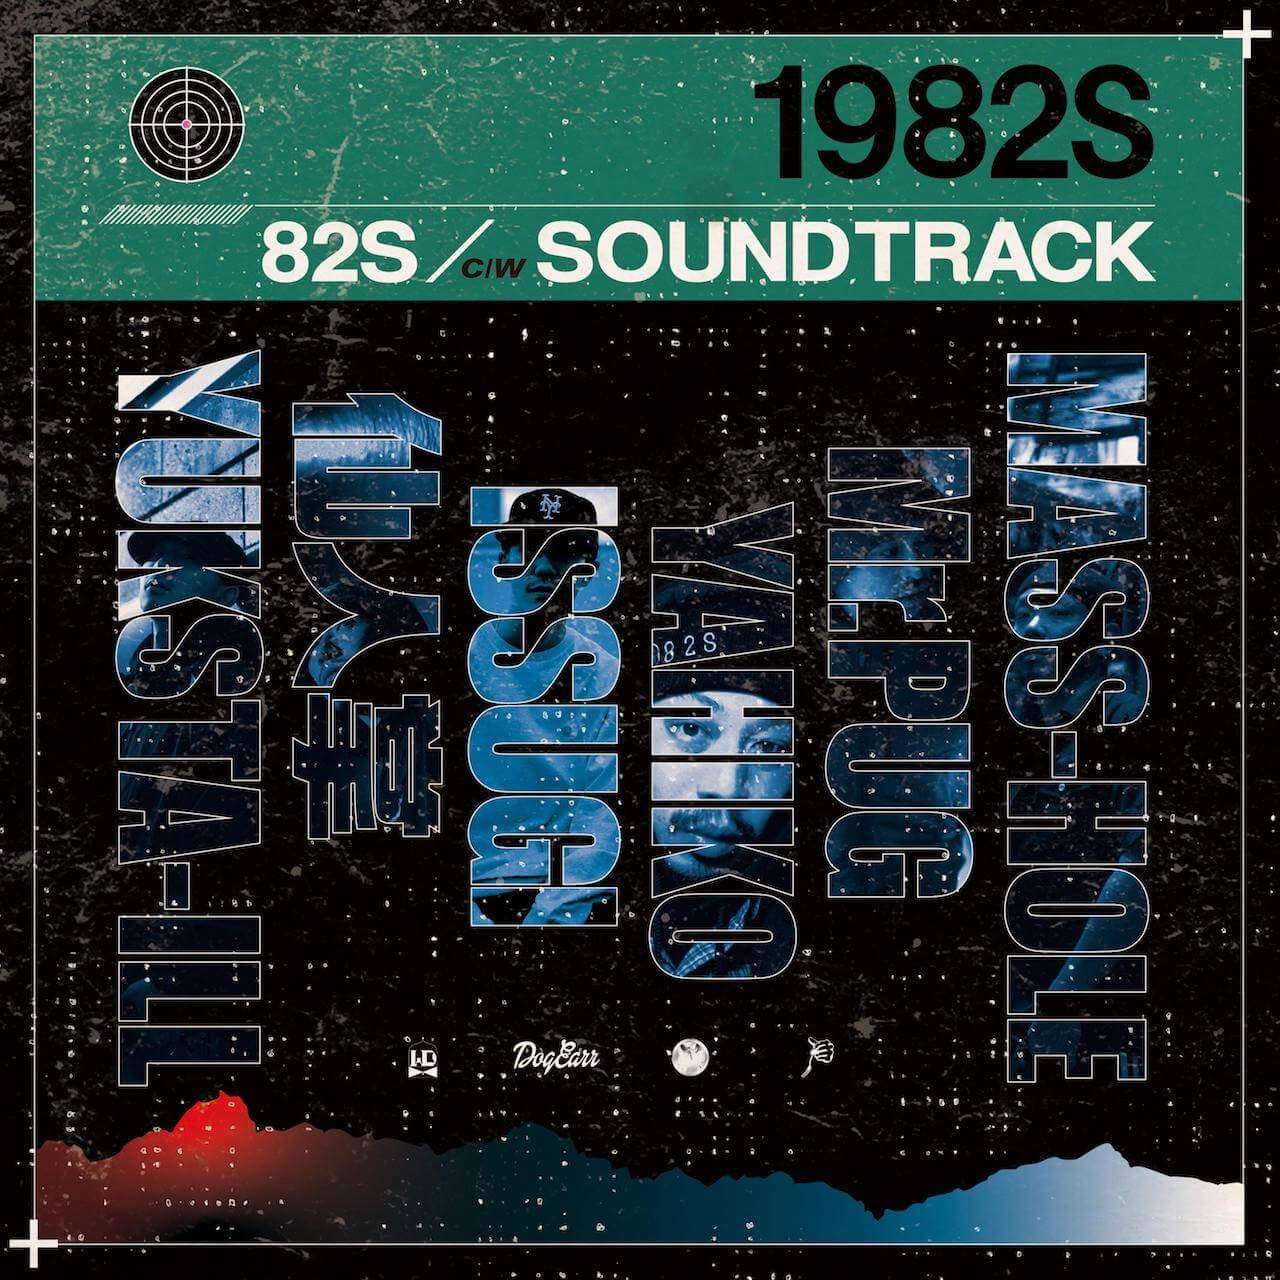 ISSUGI、仙人掌、Mr.PUG、YAHIKO、YUKSTA-ILL、MASS-HOLEによるコレクティブ1982sがシングル「82S/SOUNDTRACK」をリリース music200306-1982s